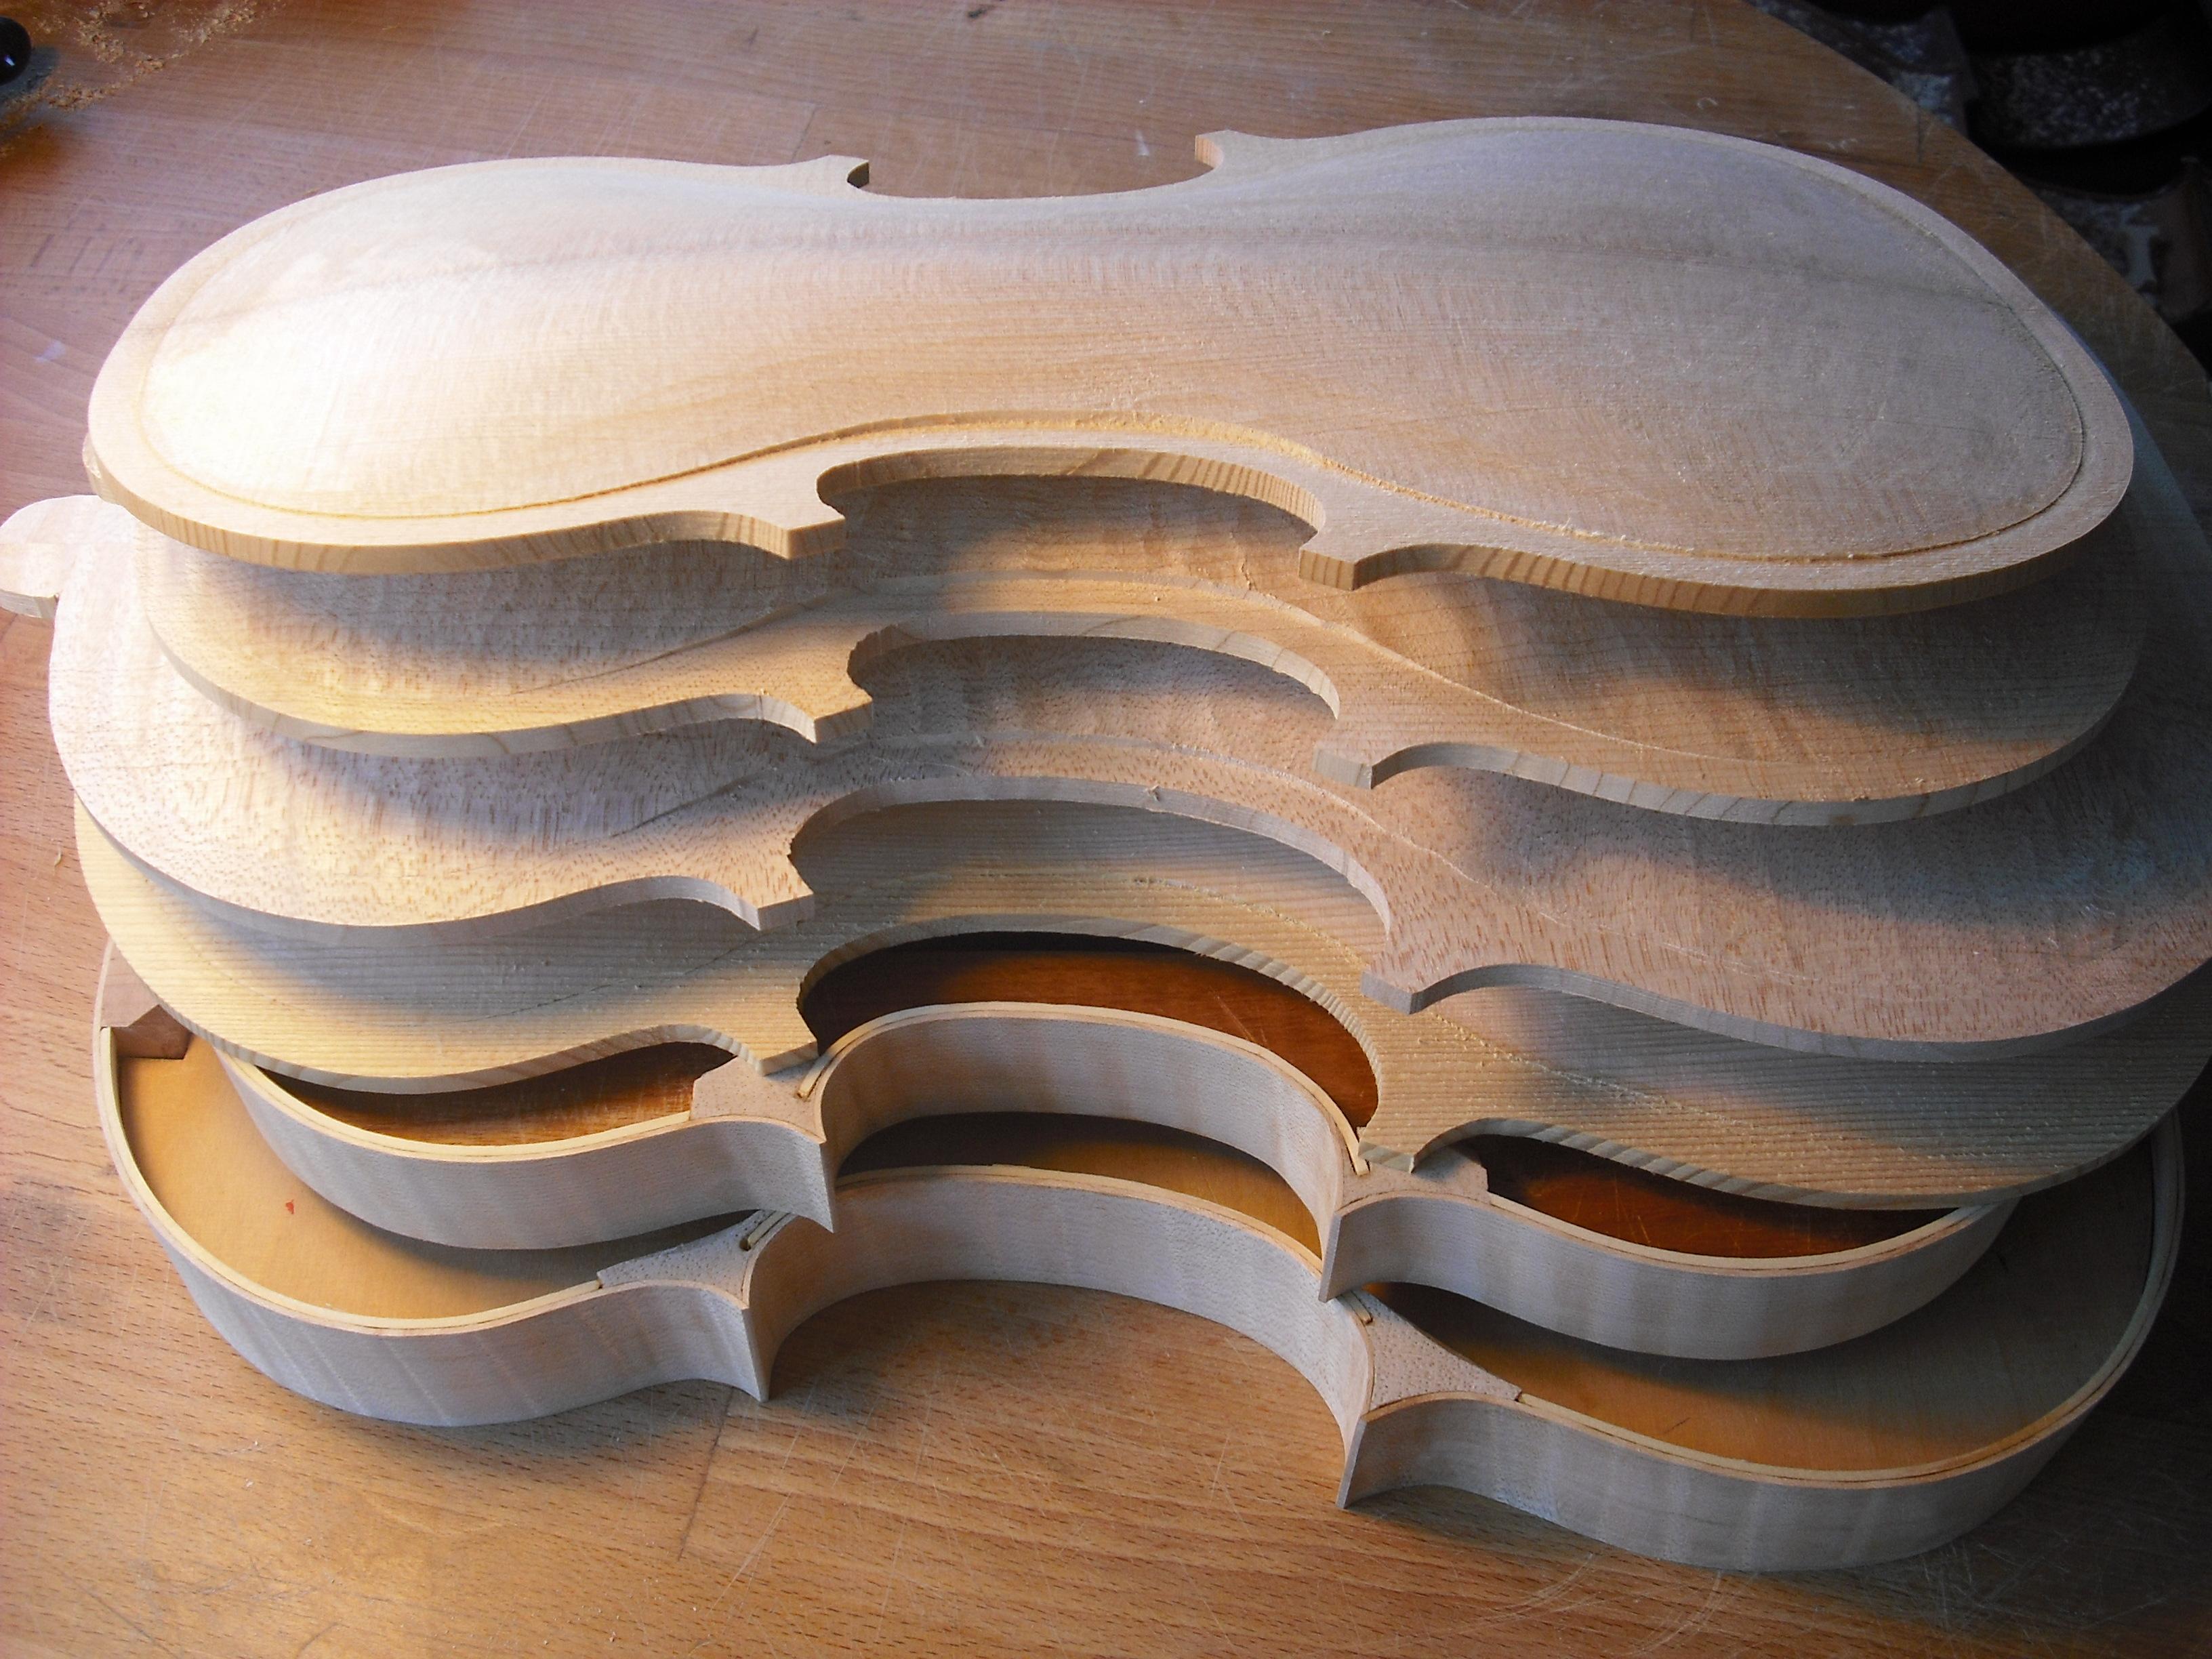 violin and viola ribs and plates